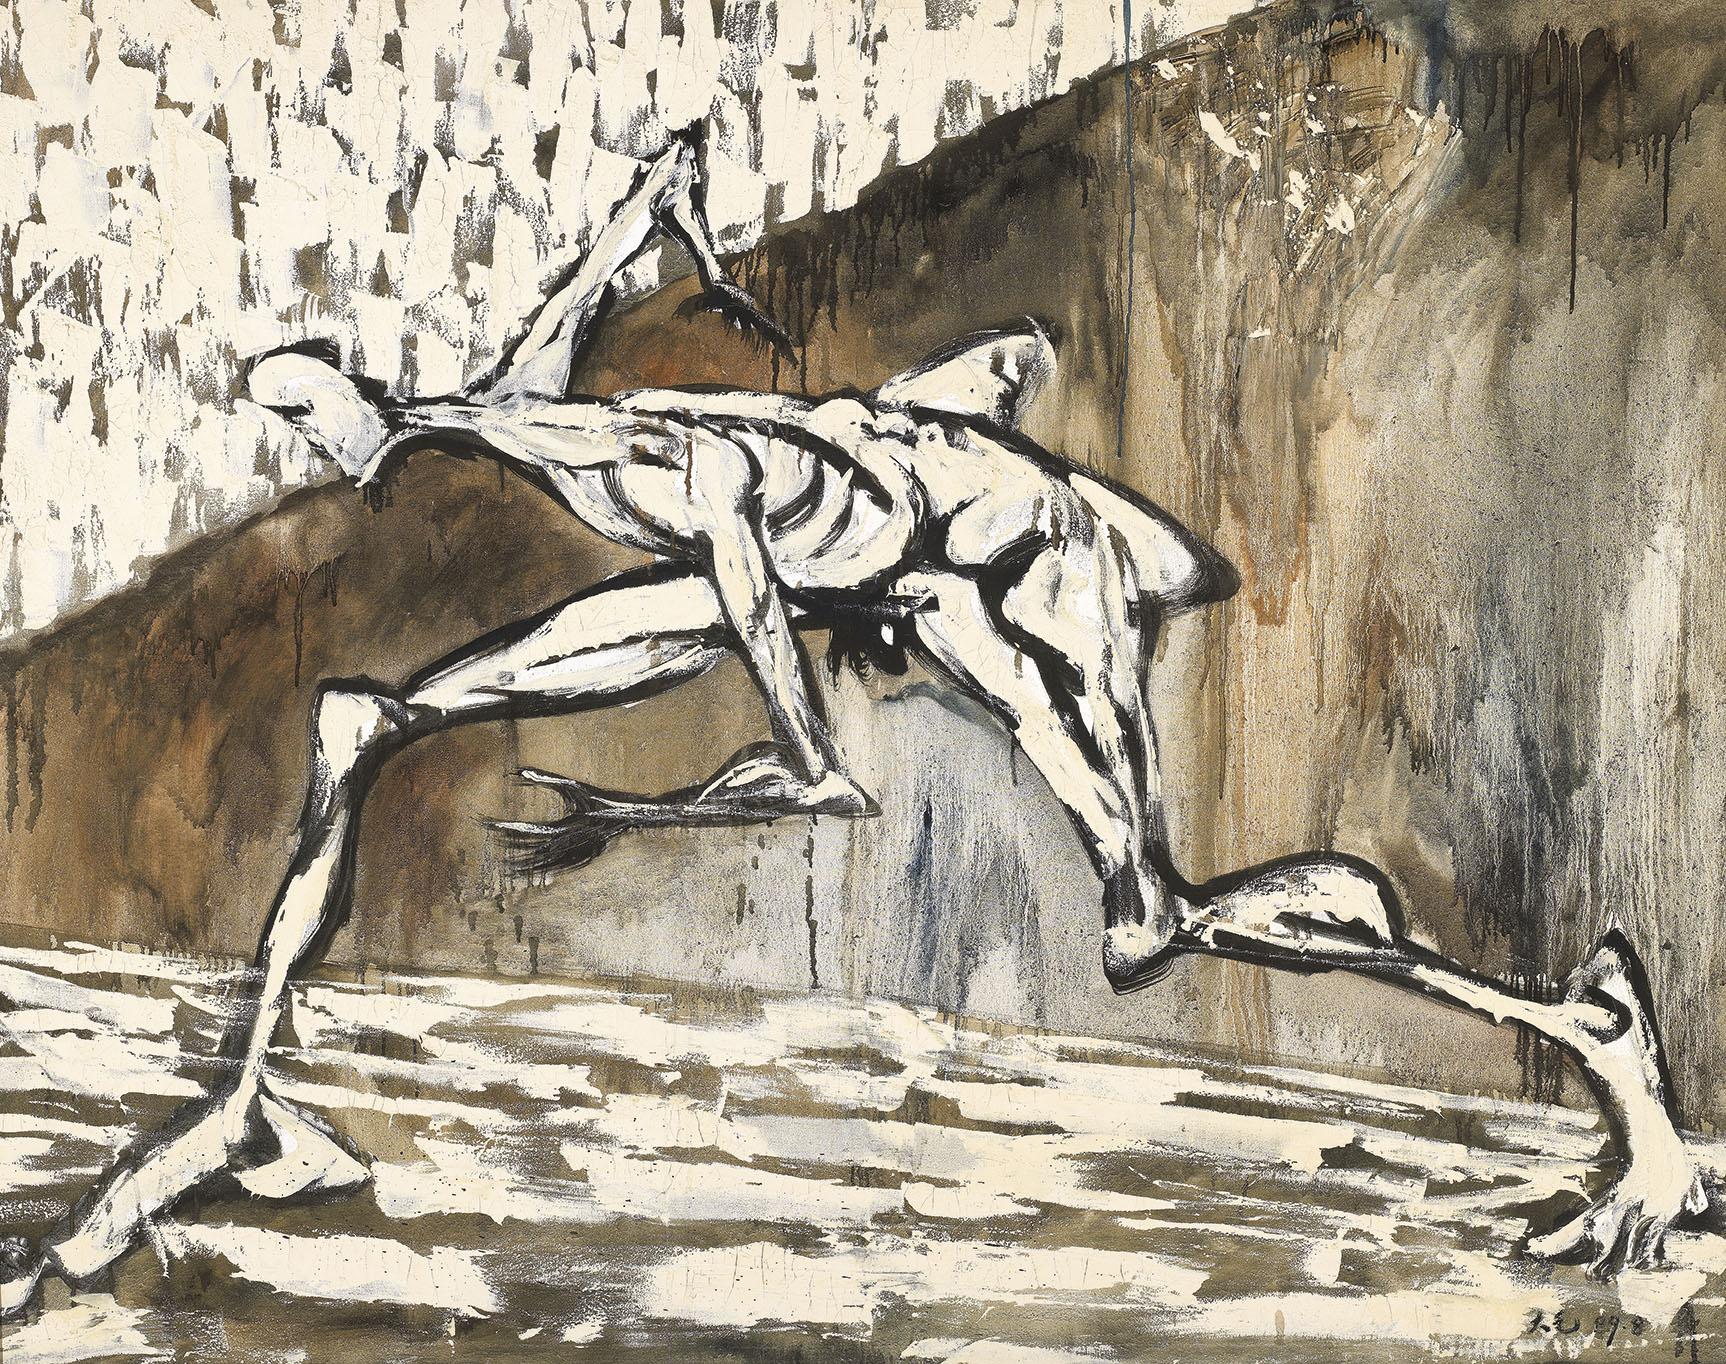 Human Figure in White: Escape